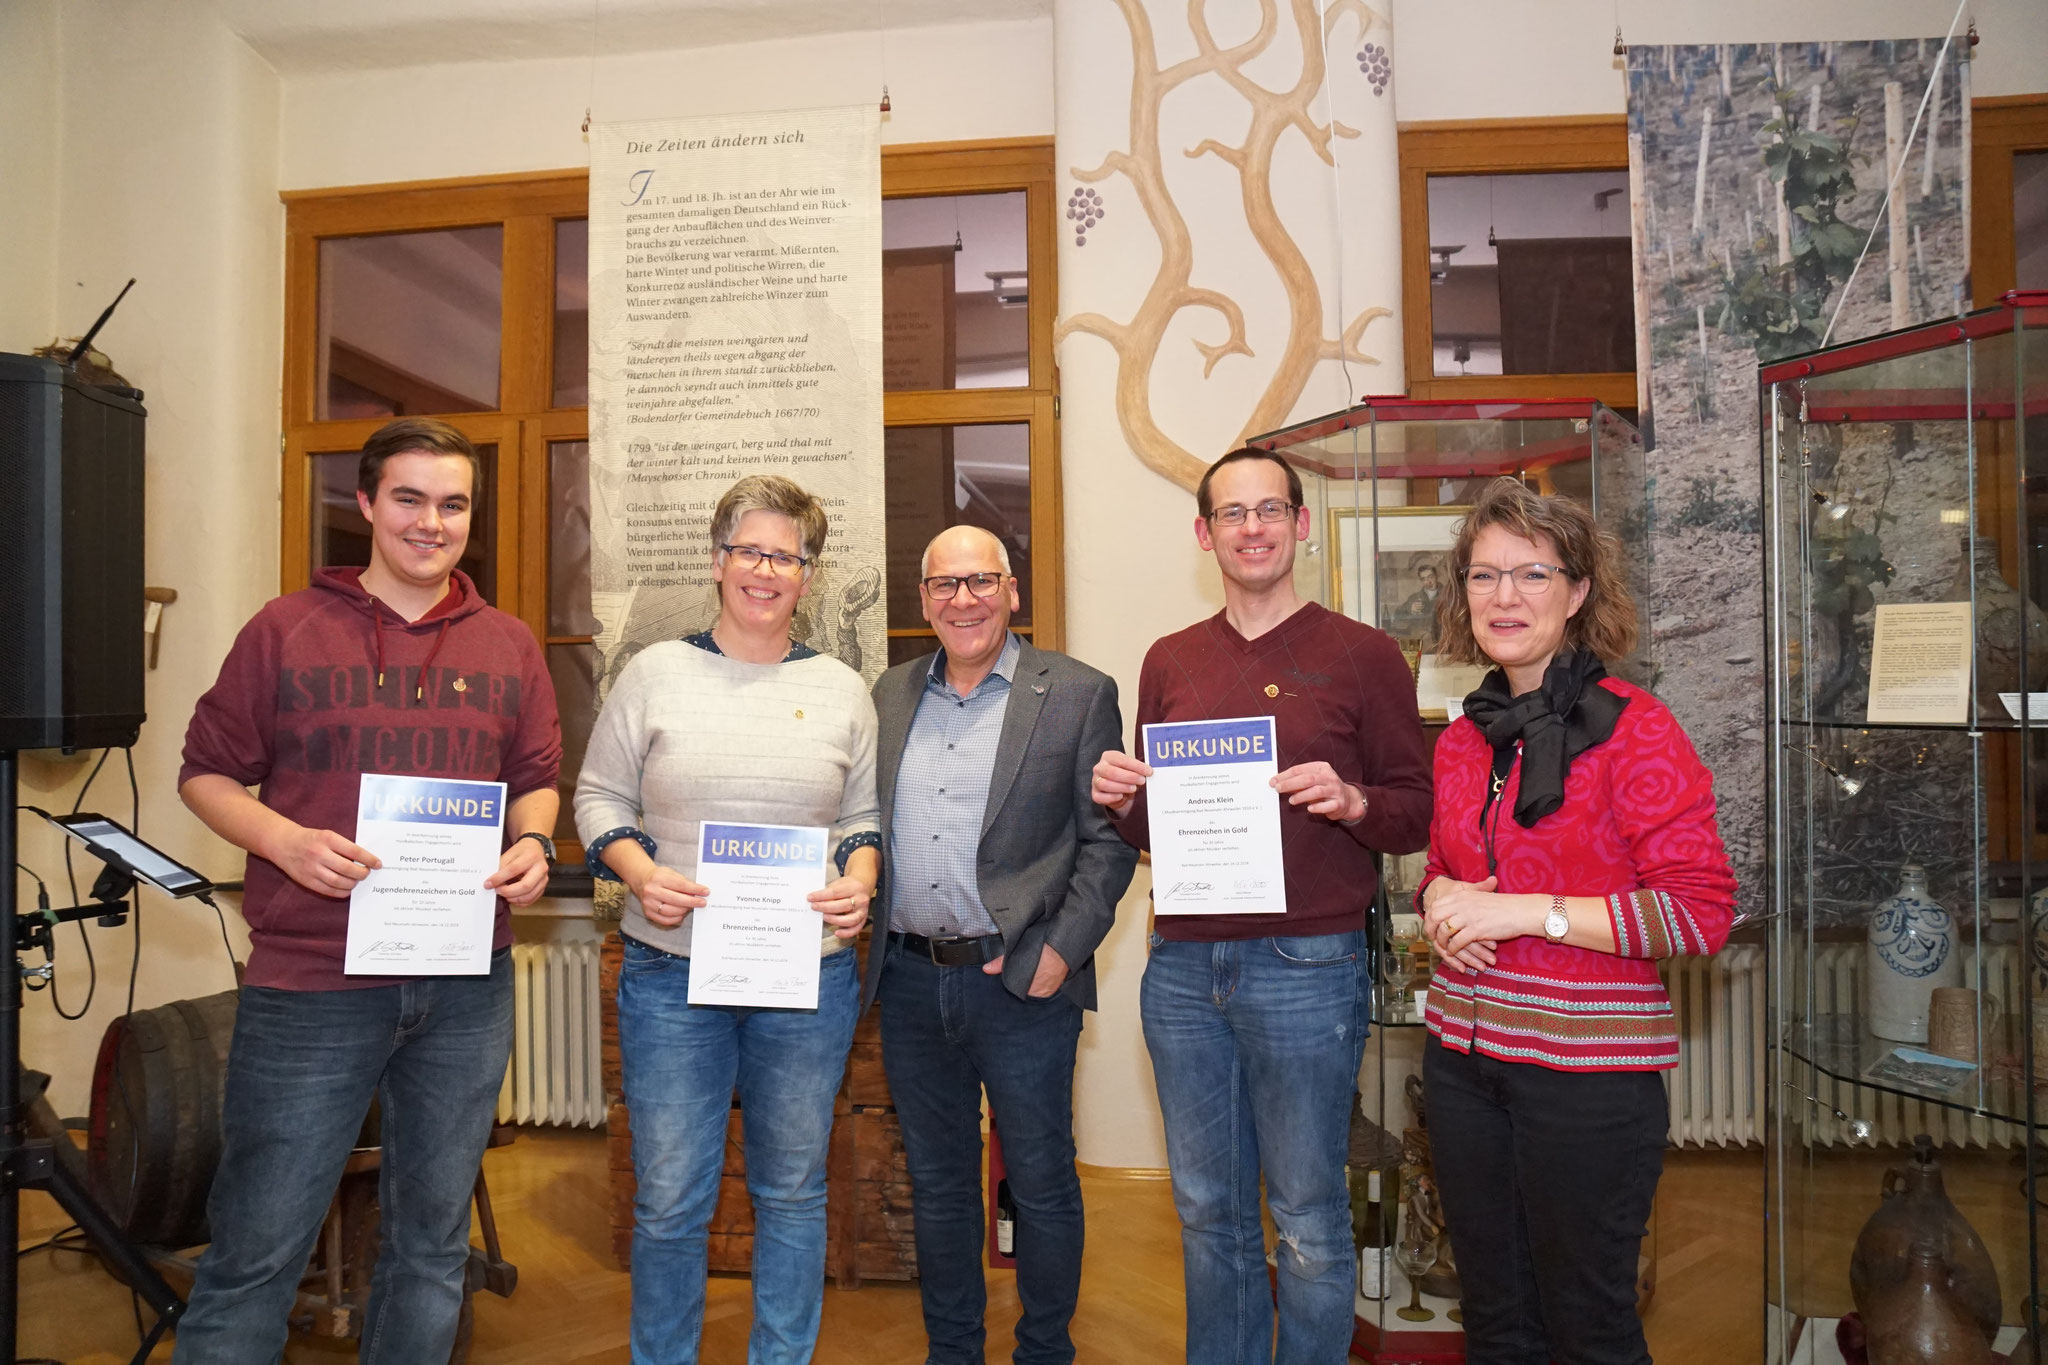 Peter Portugall, Yvonne Knipp und Andreas klein wurden für Ihre langjährigen musikalischen Aktivitäten ausgezeichnet.